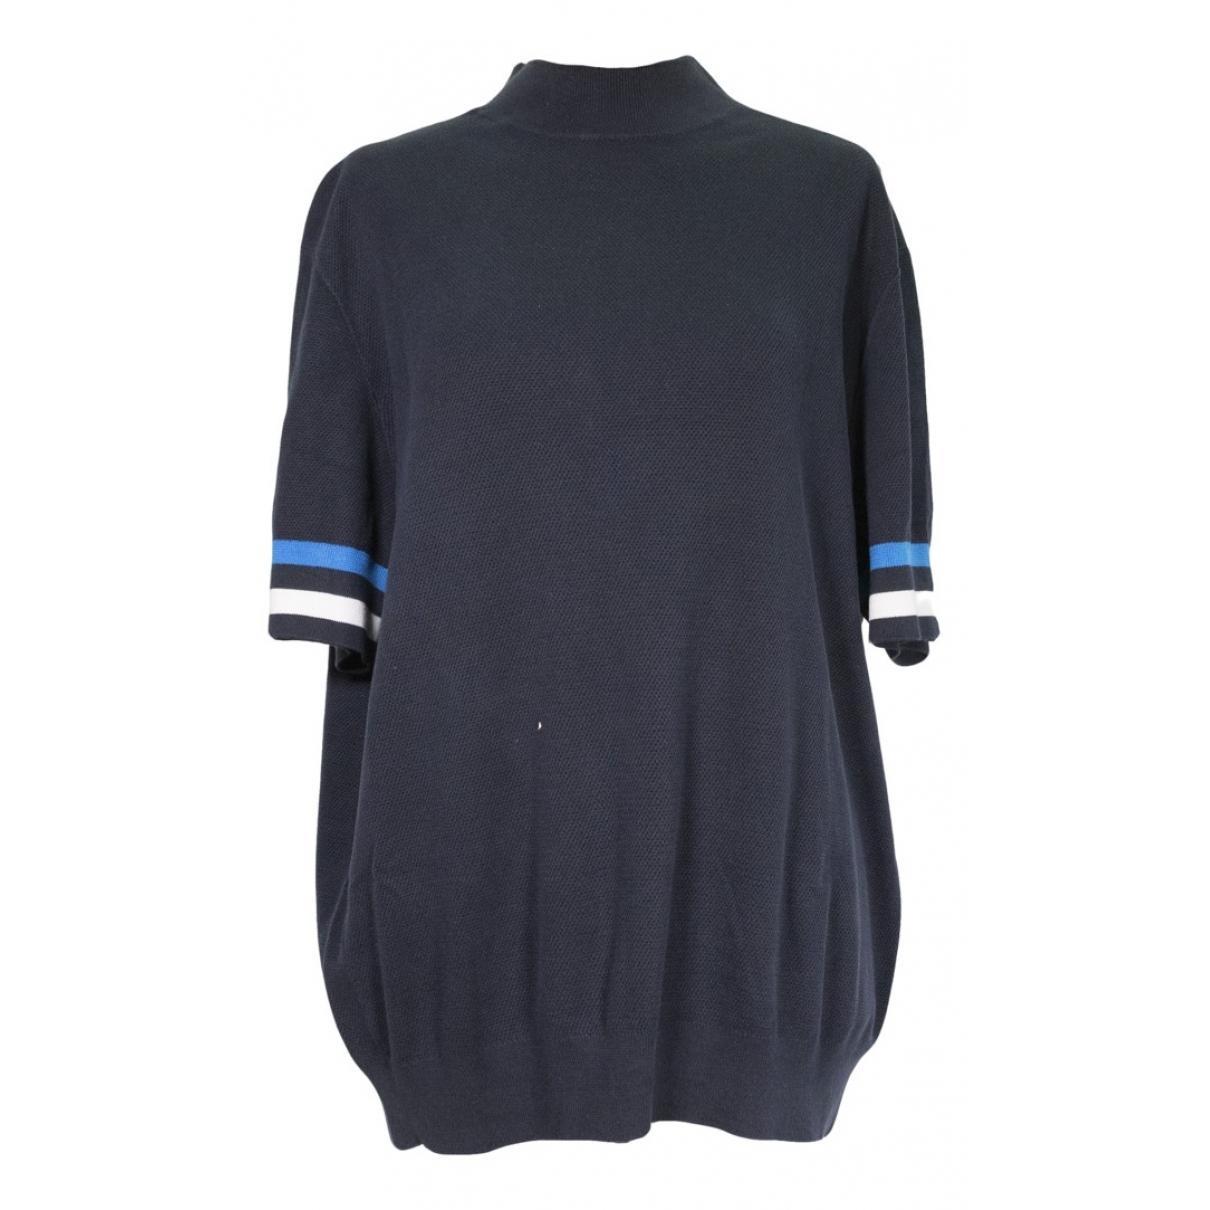 Hermes - Pull   pour femme en coton - bleu